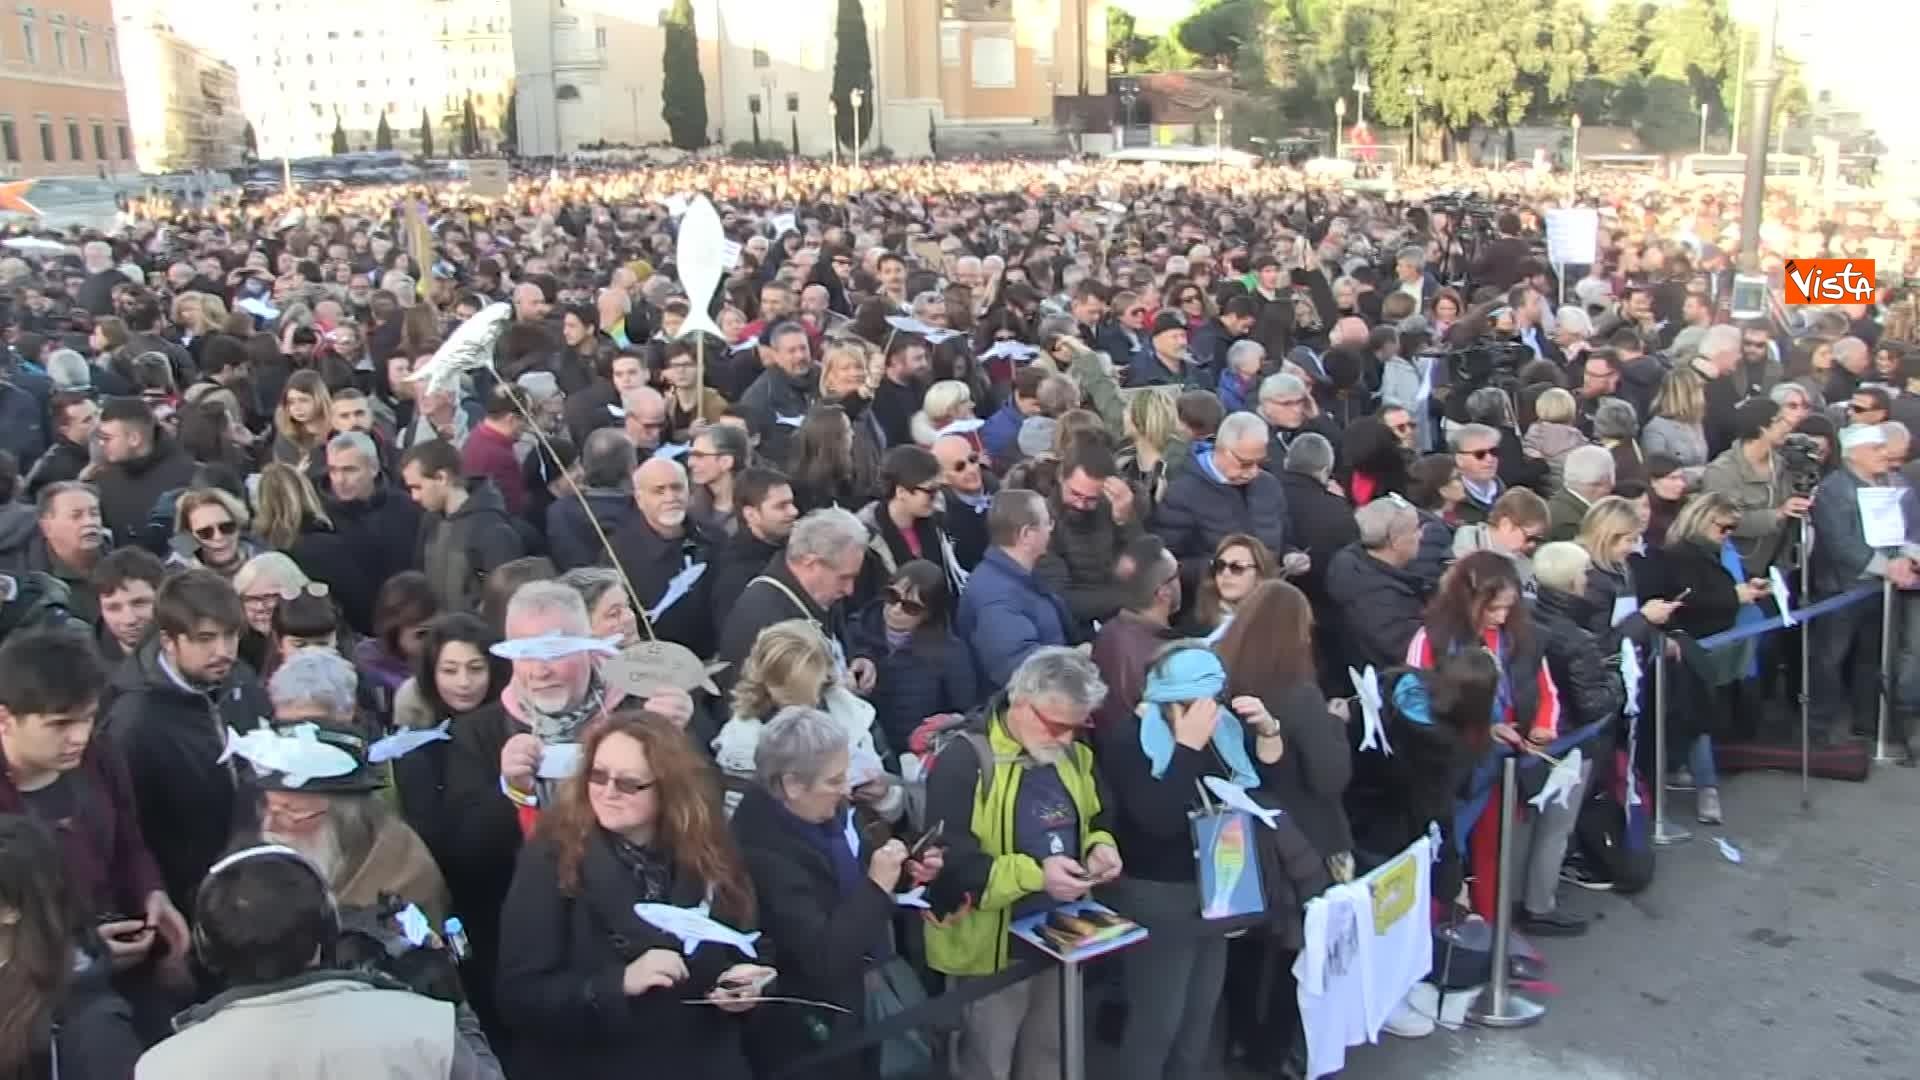 14-12-19 Le sardine riempiono piazza San Giovanni_02